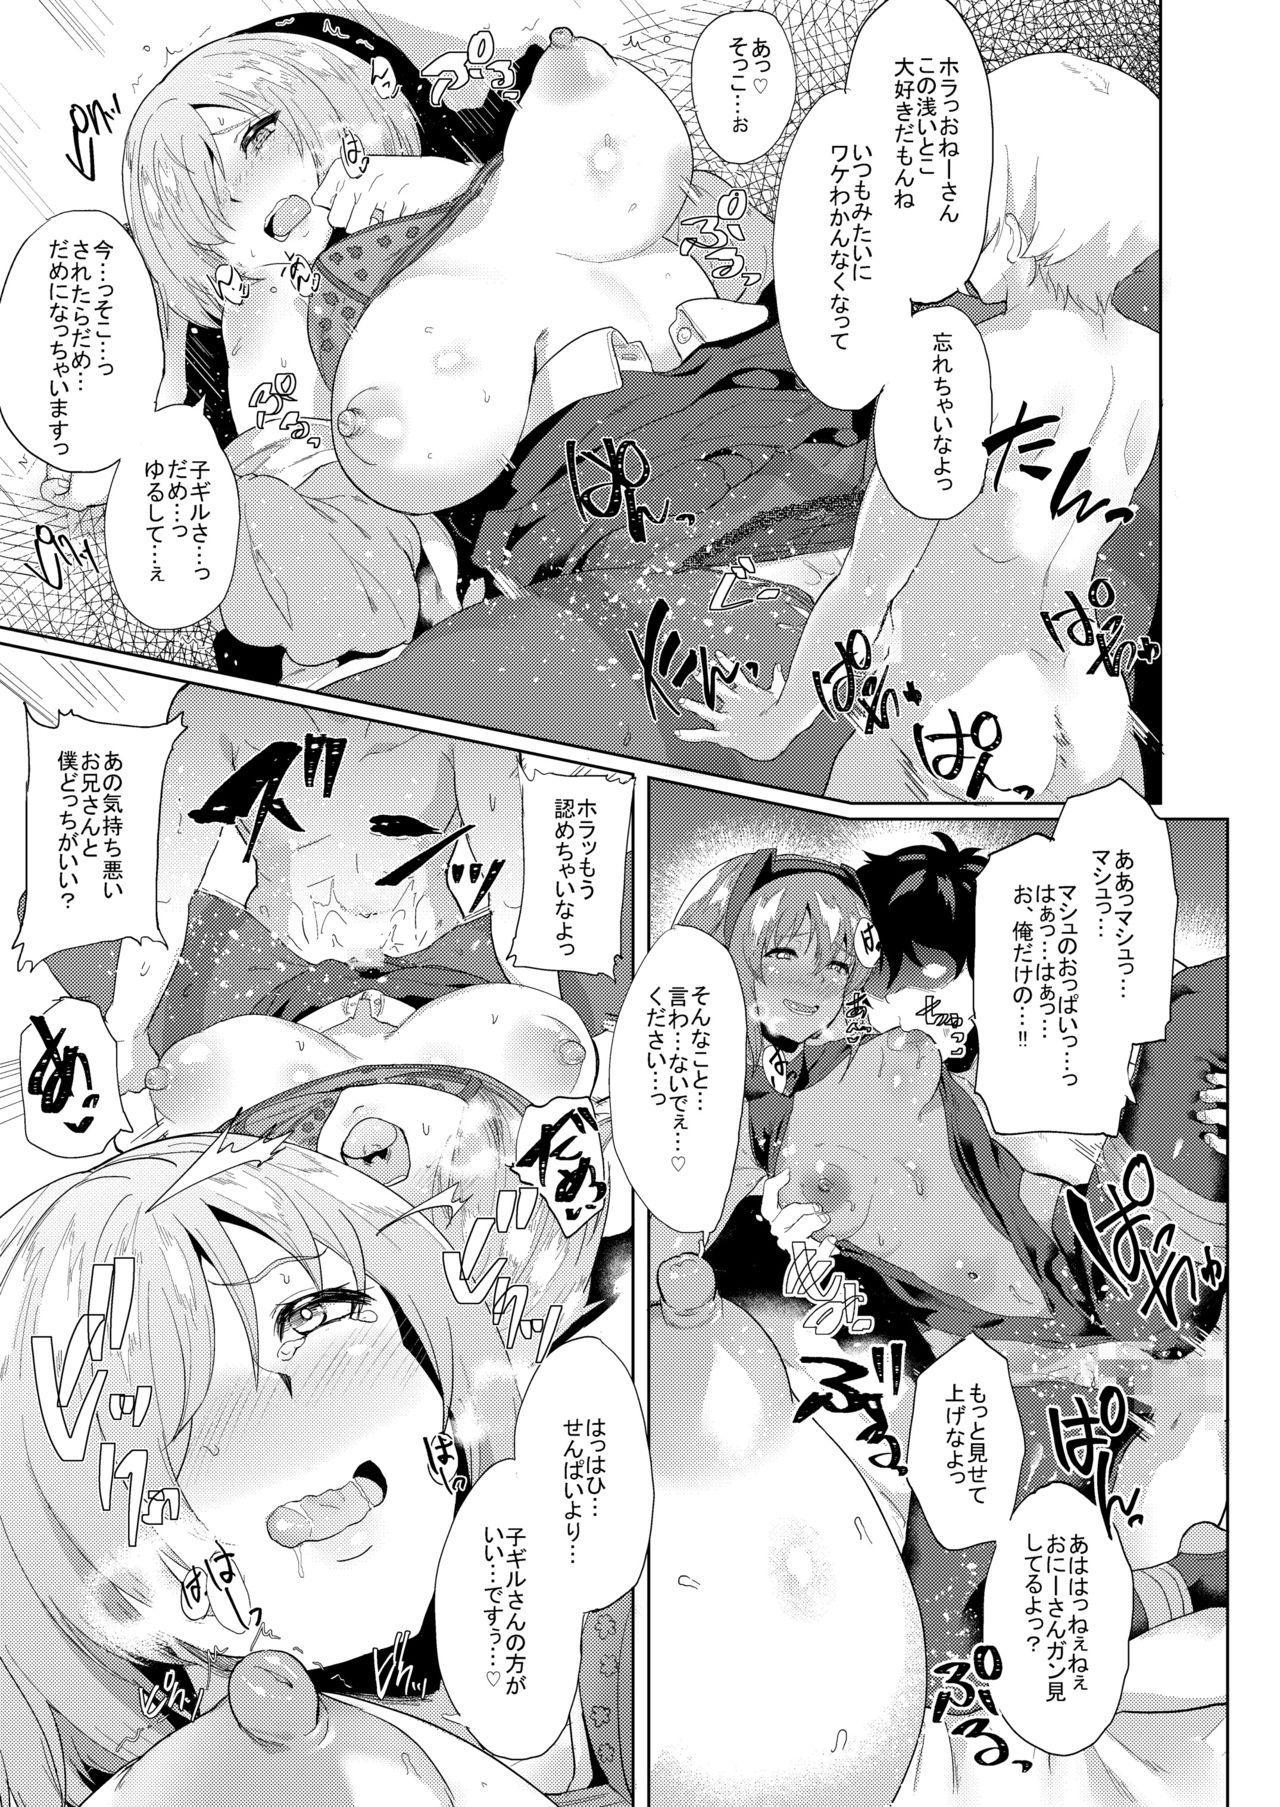 Kawatta Kimi o Mitsumete Boku wa Kawaranai Kimi to 15